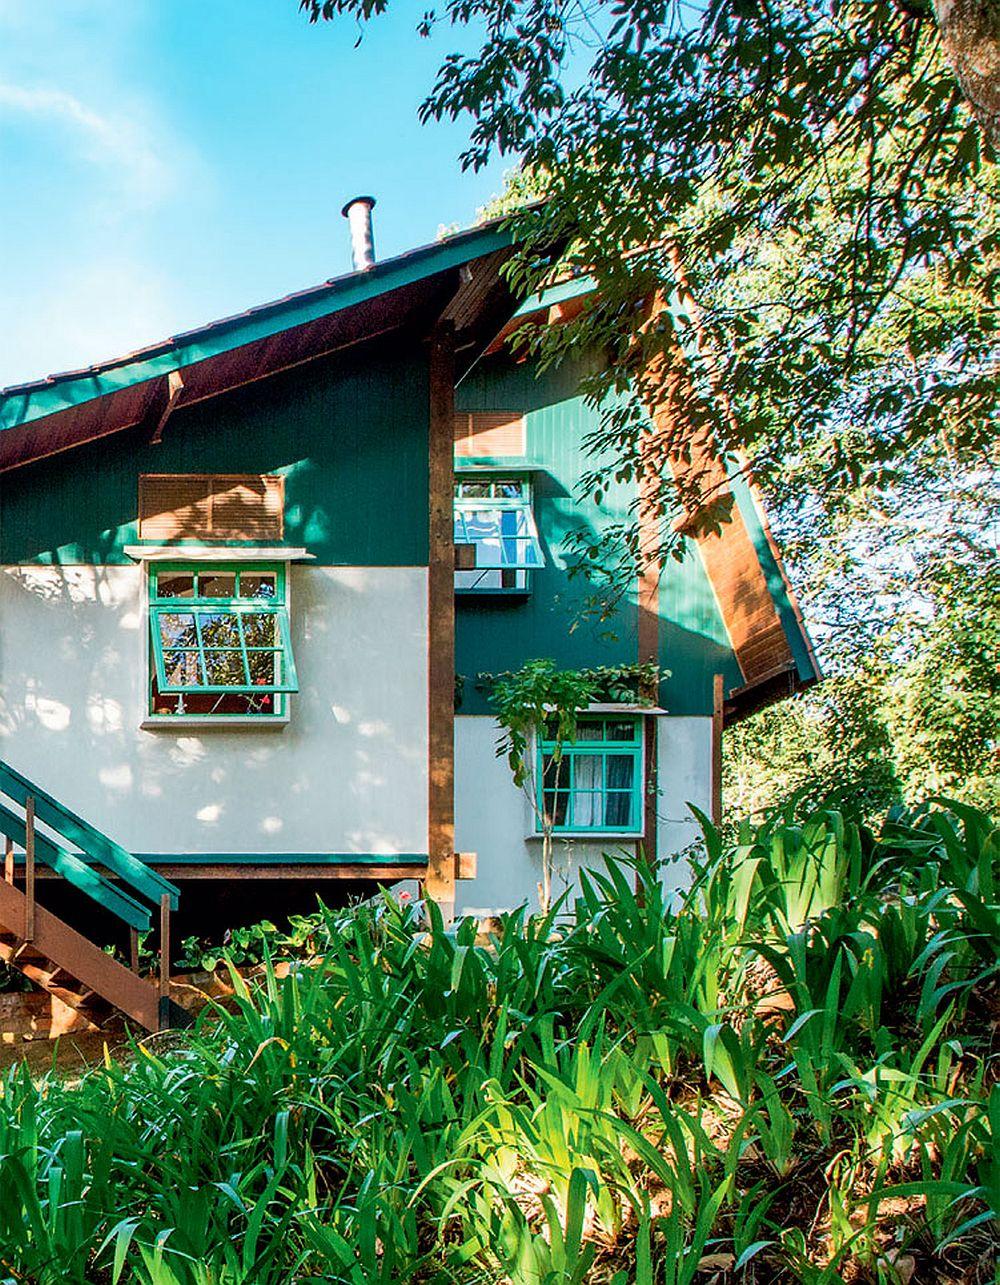 adelaparvu.com despre casa de vacanta cu ferestre turcoaz, casa din prefabricate, arh Sergio Rodiquez (11)